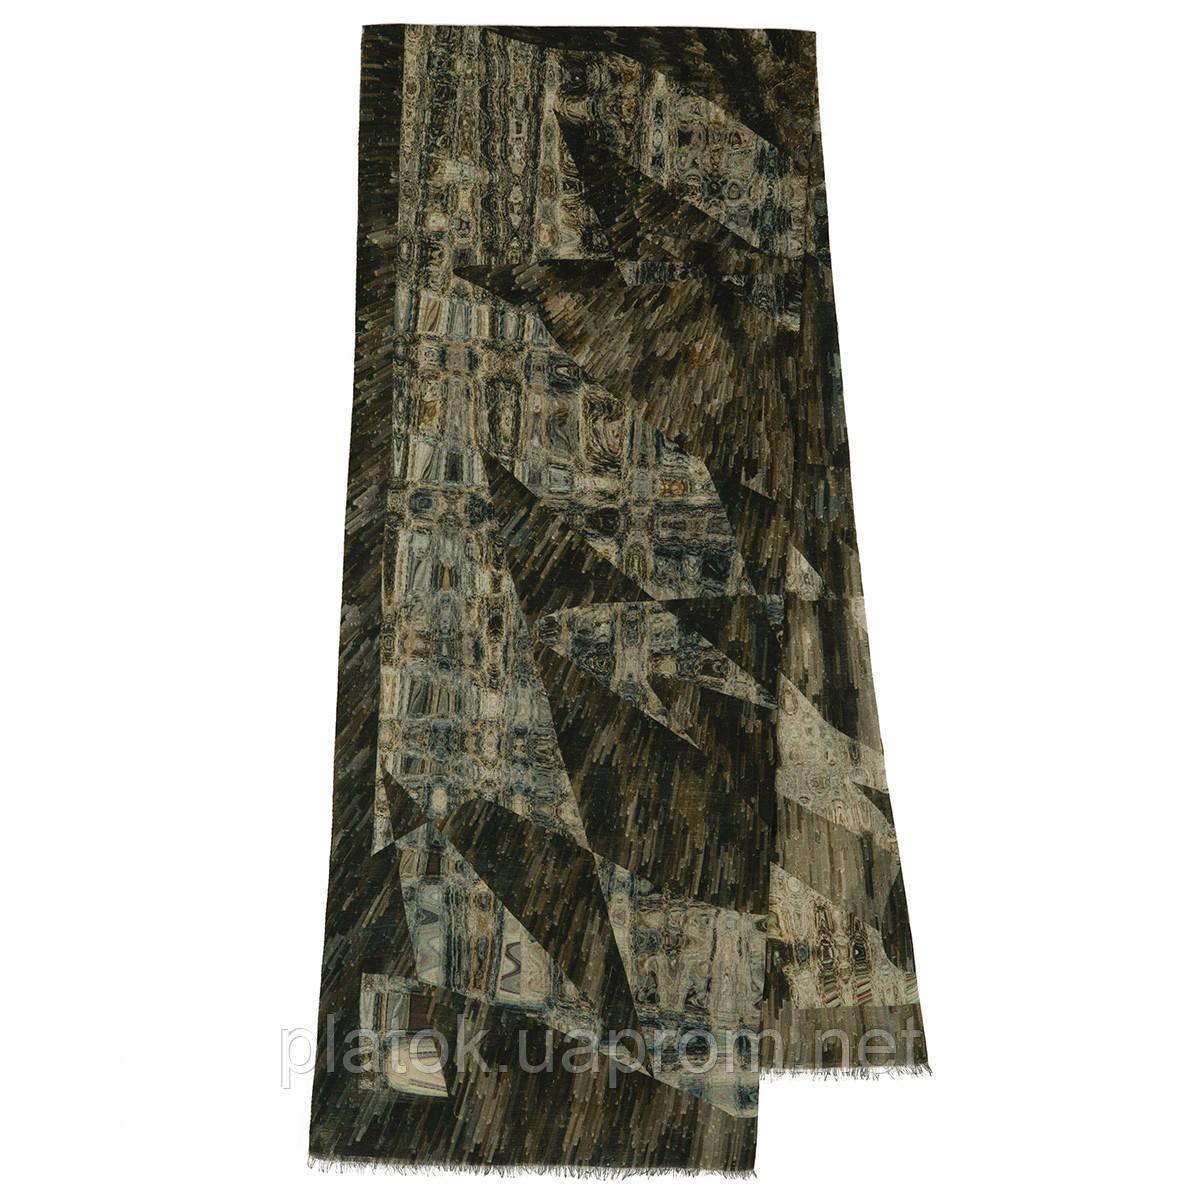 10375-17  кашне мужское, павлопосадский шарф (кашне) шерстяной (разреженная шерсть) с осыпкой